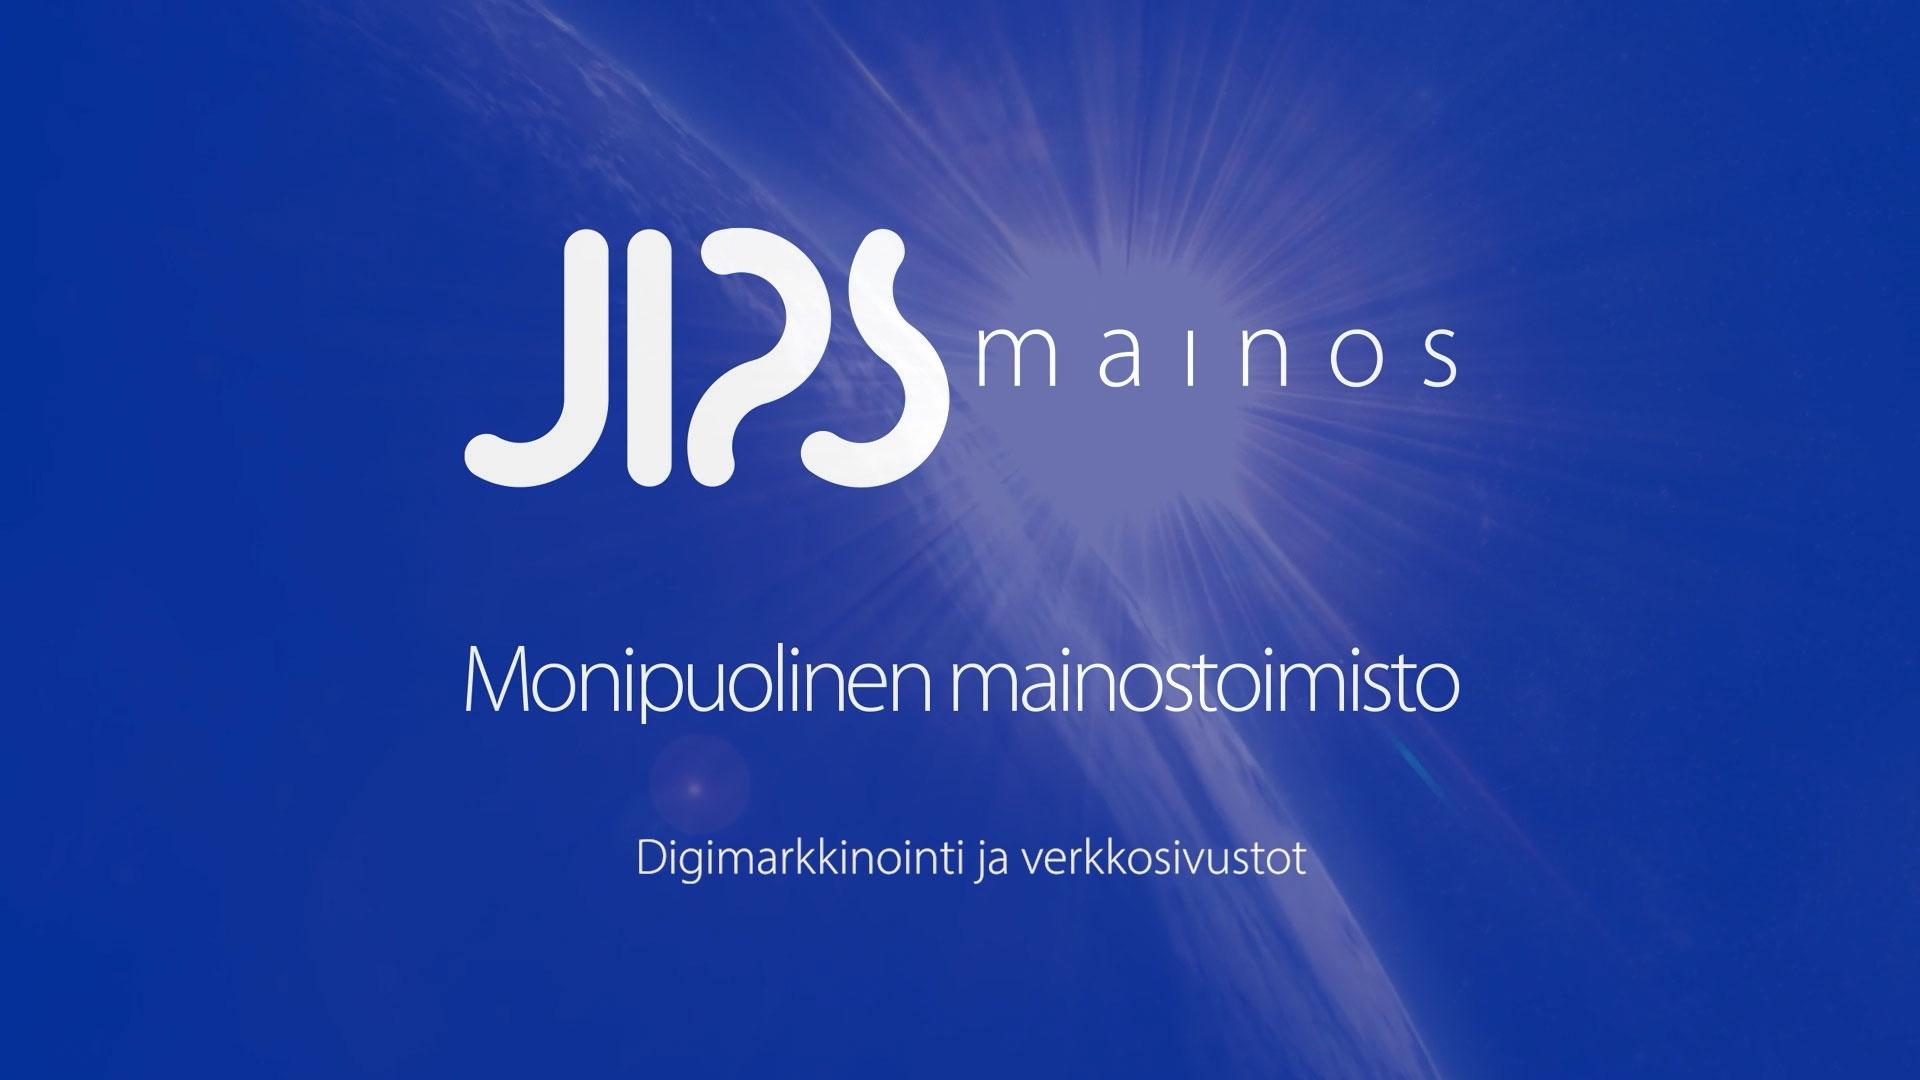 jips-digimarkkinoniti-ja-verkkosivustot